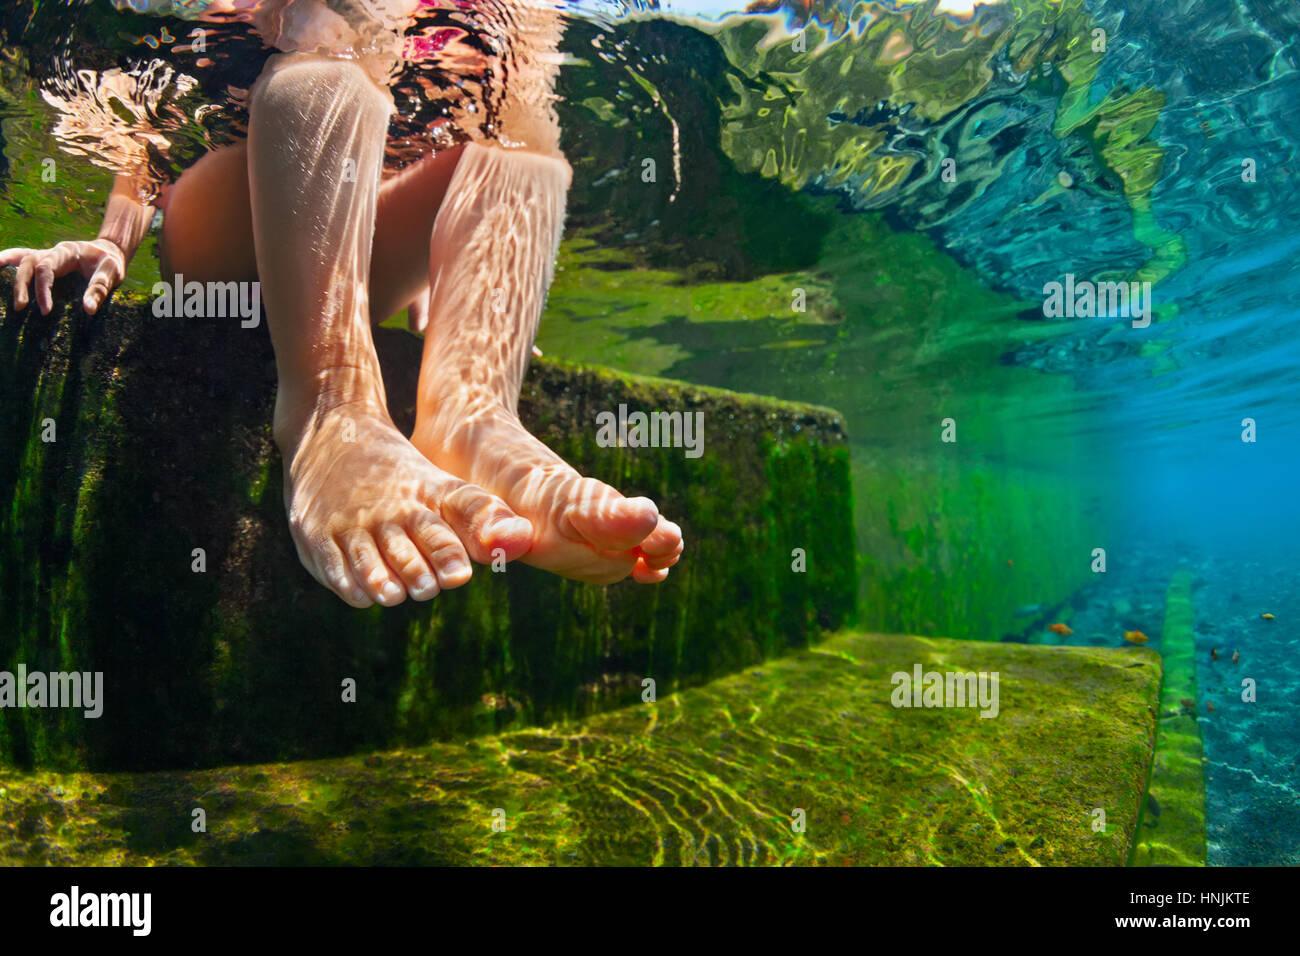 Persona felice divertirsi a bordo piscina. Divertente sotto acqua foto del bambino a piedi nudi nella piscina naturale. Immagini Stock